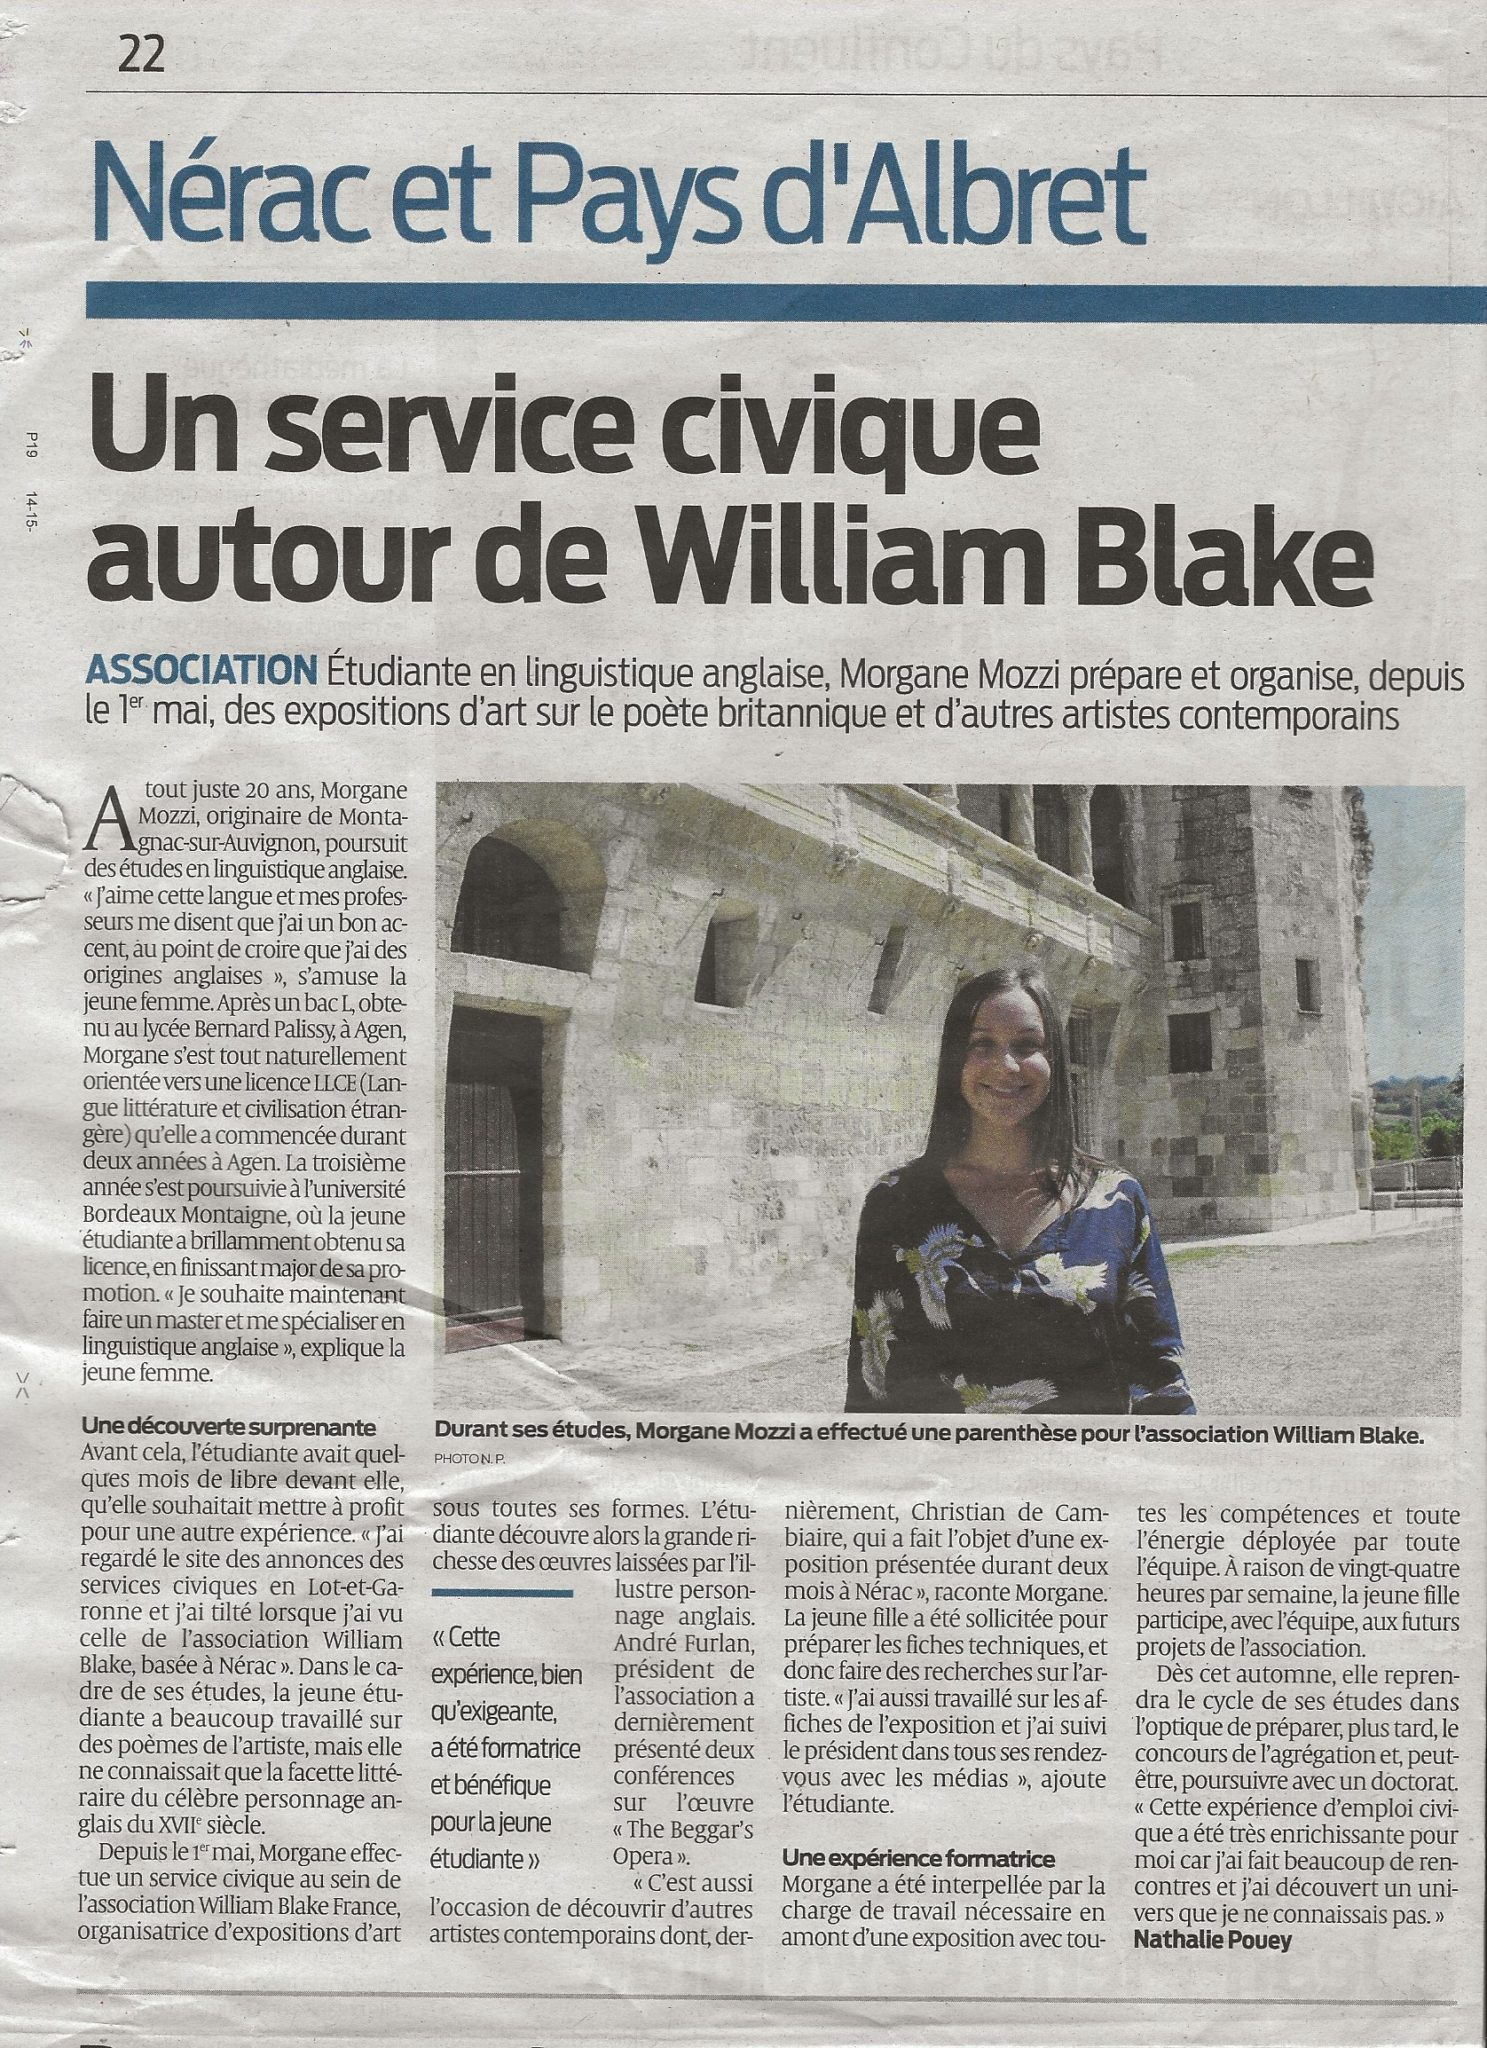 Un service civique autour de William Blake